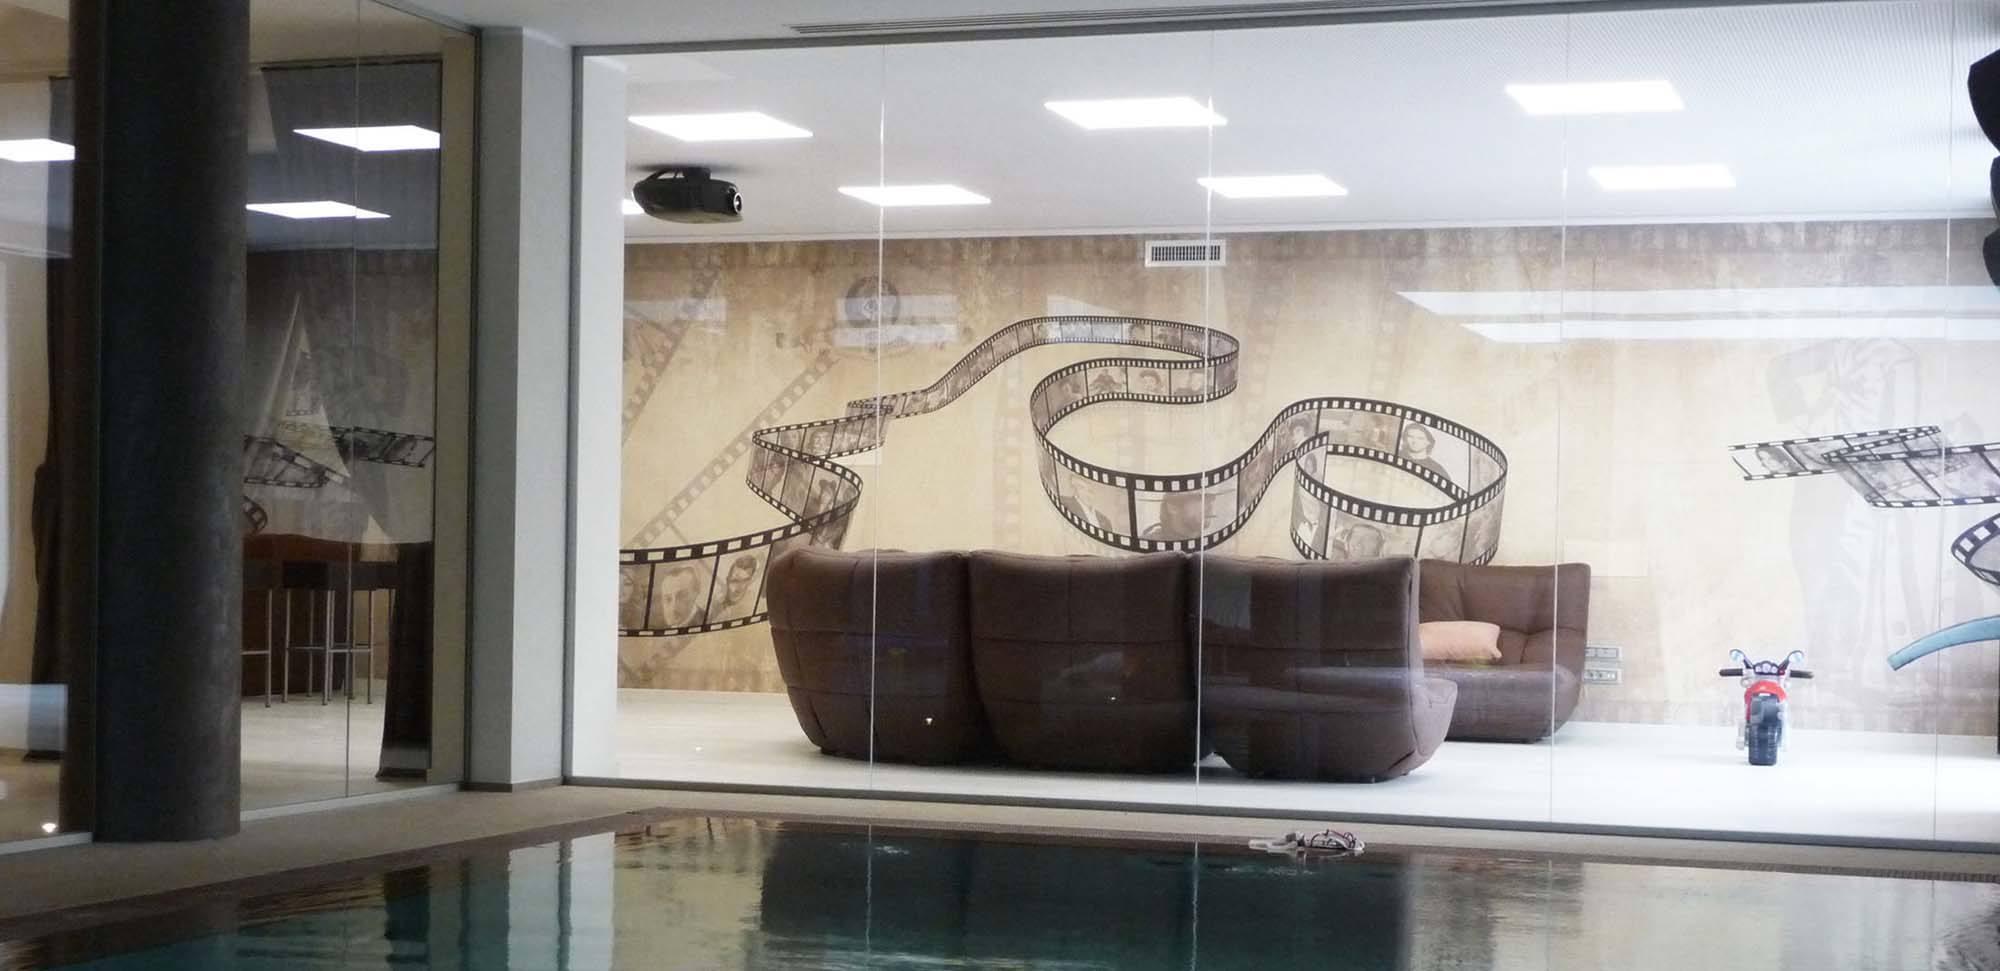 Decorazione interni milano progettare creare decorare for Decorazione interni